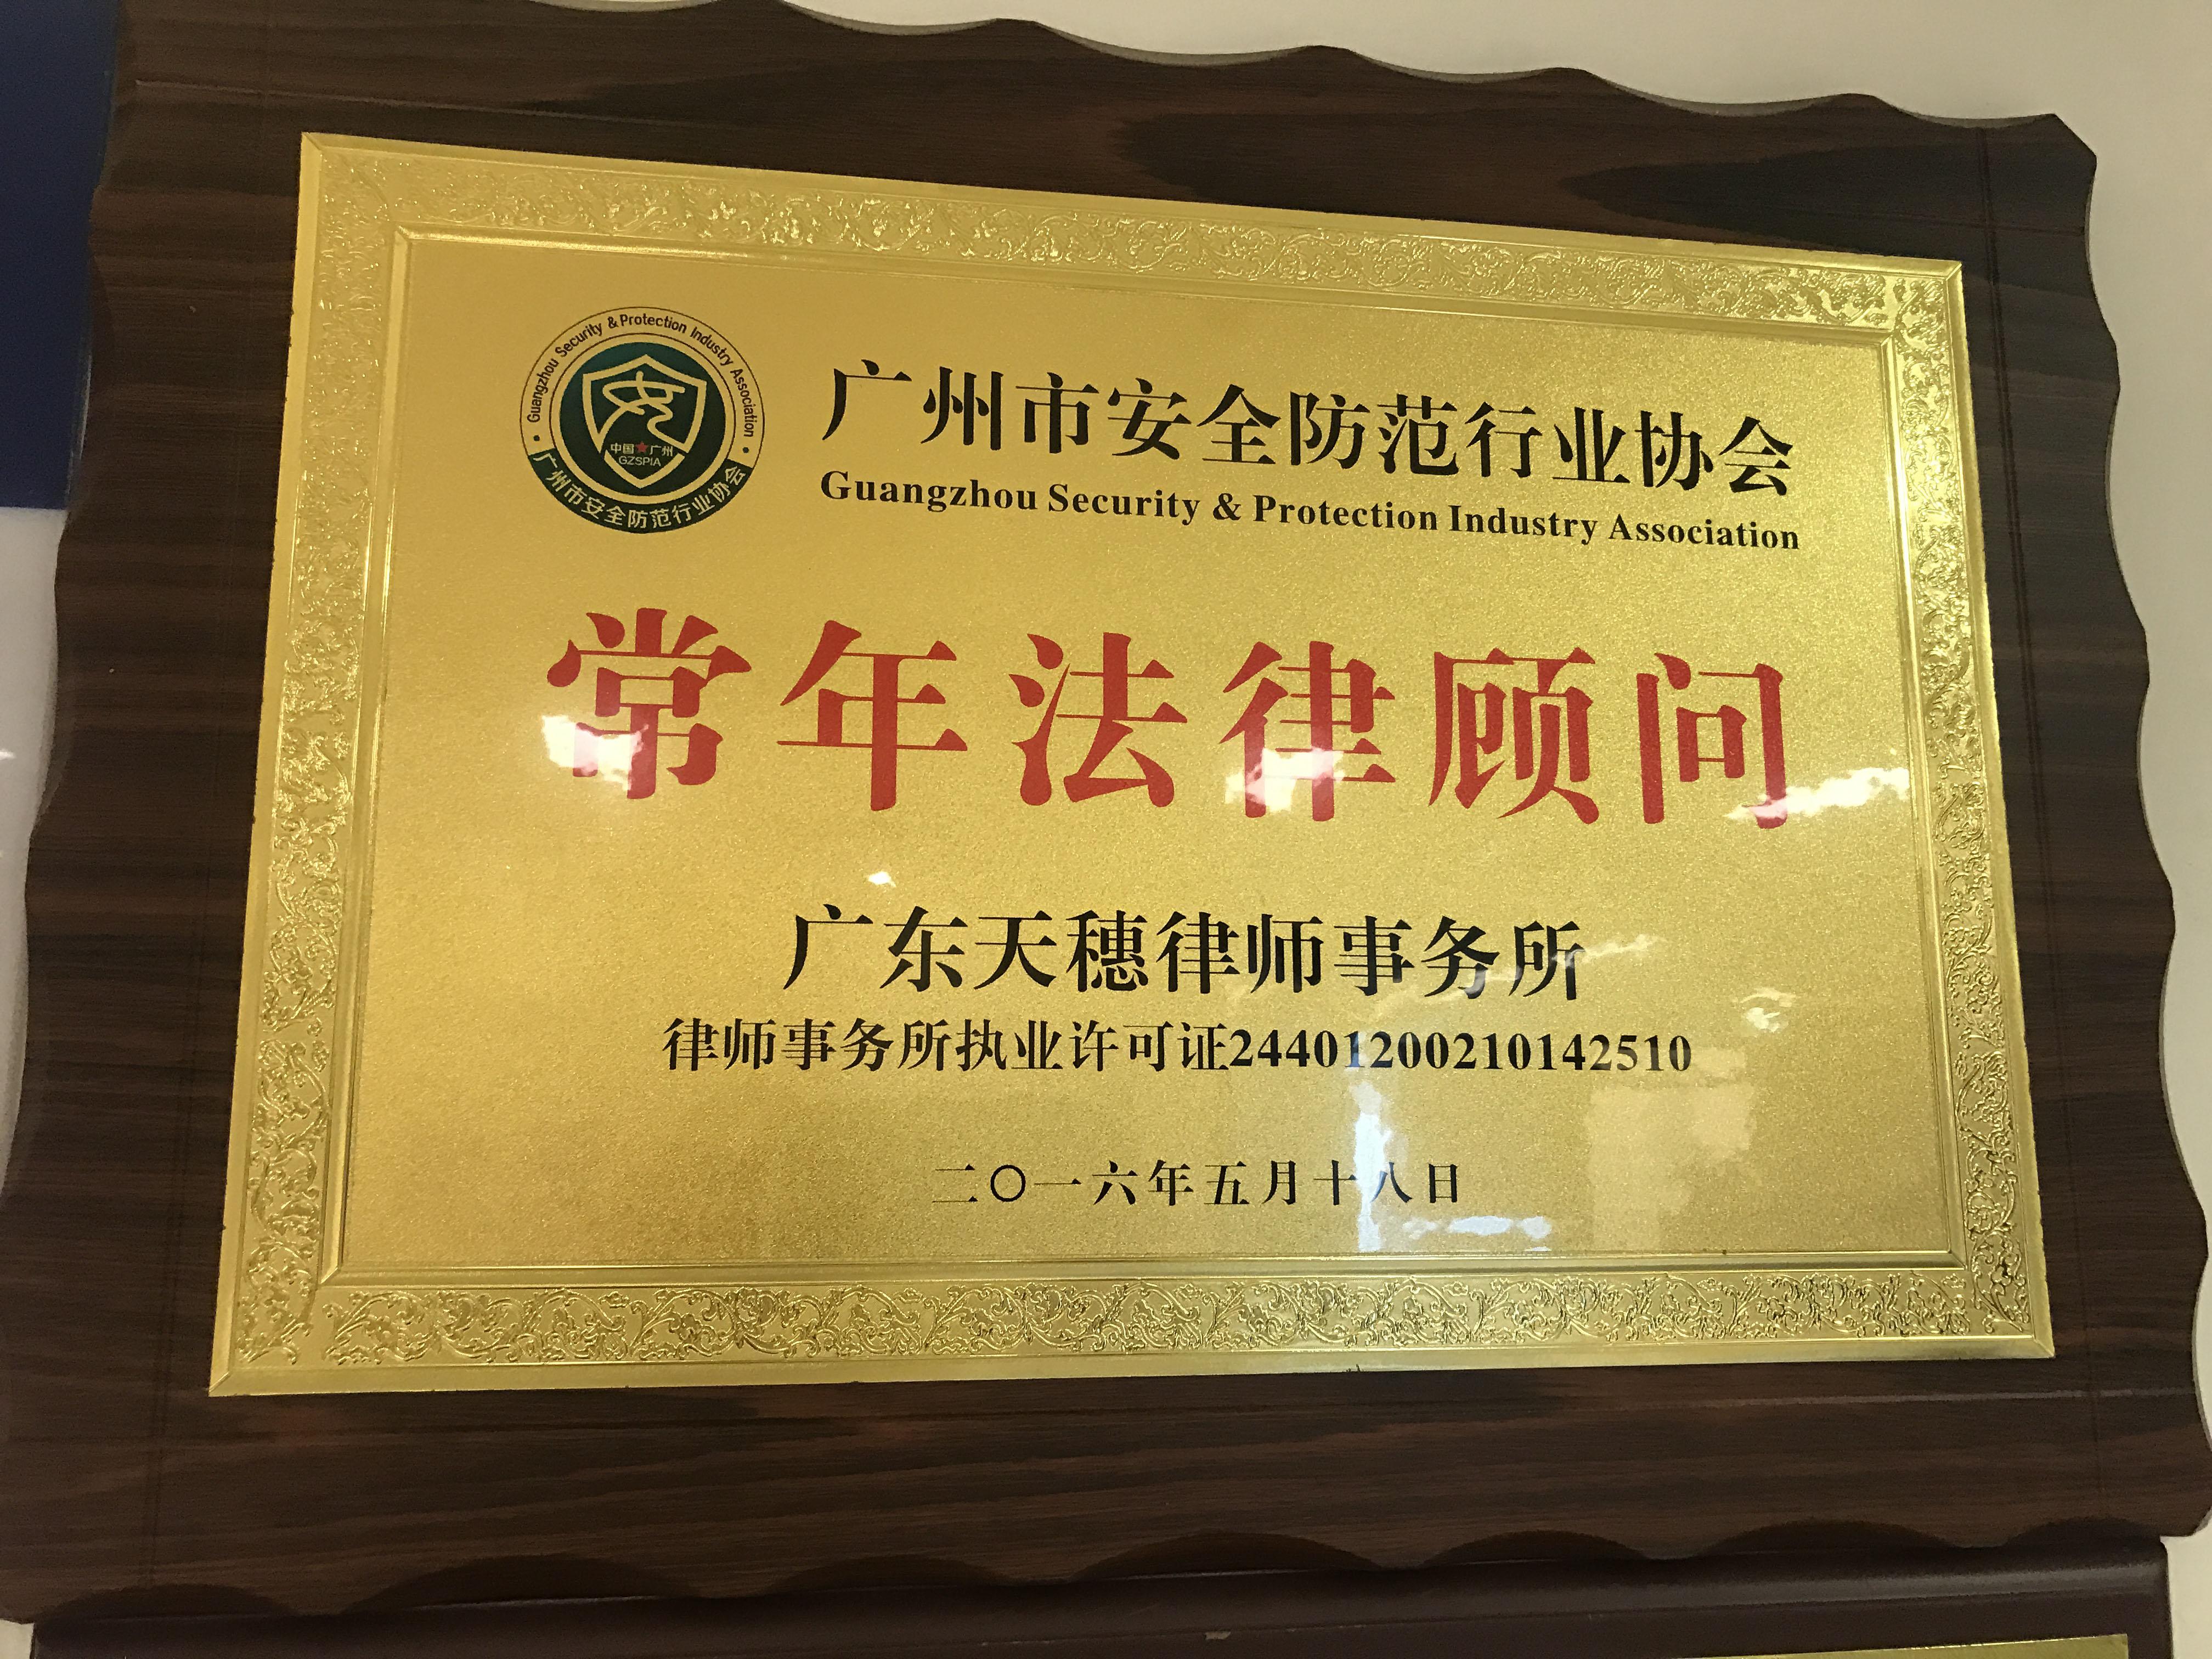 受雇广州市安全协会常年法律顾问